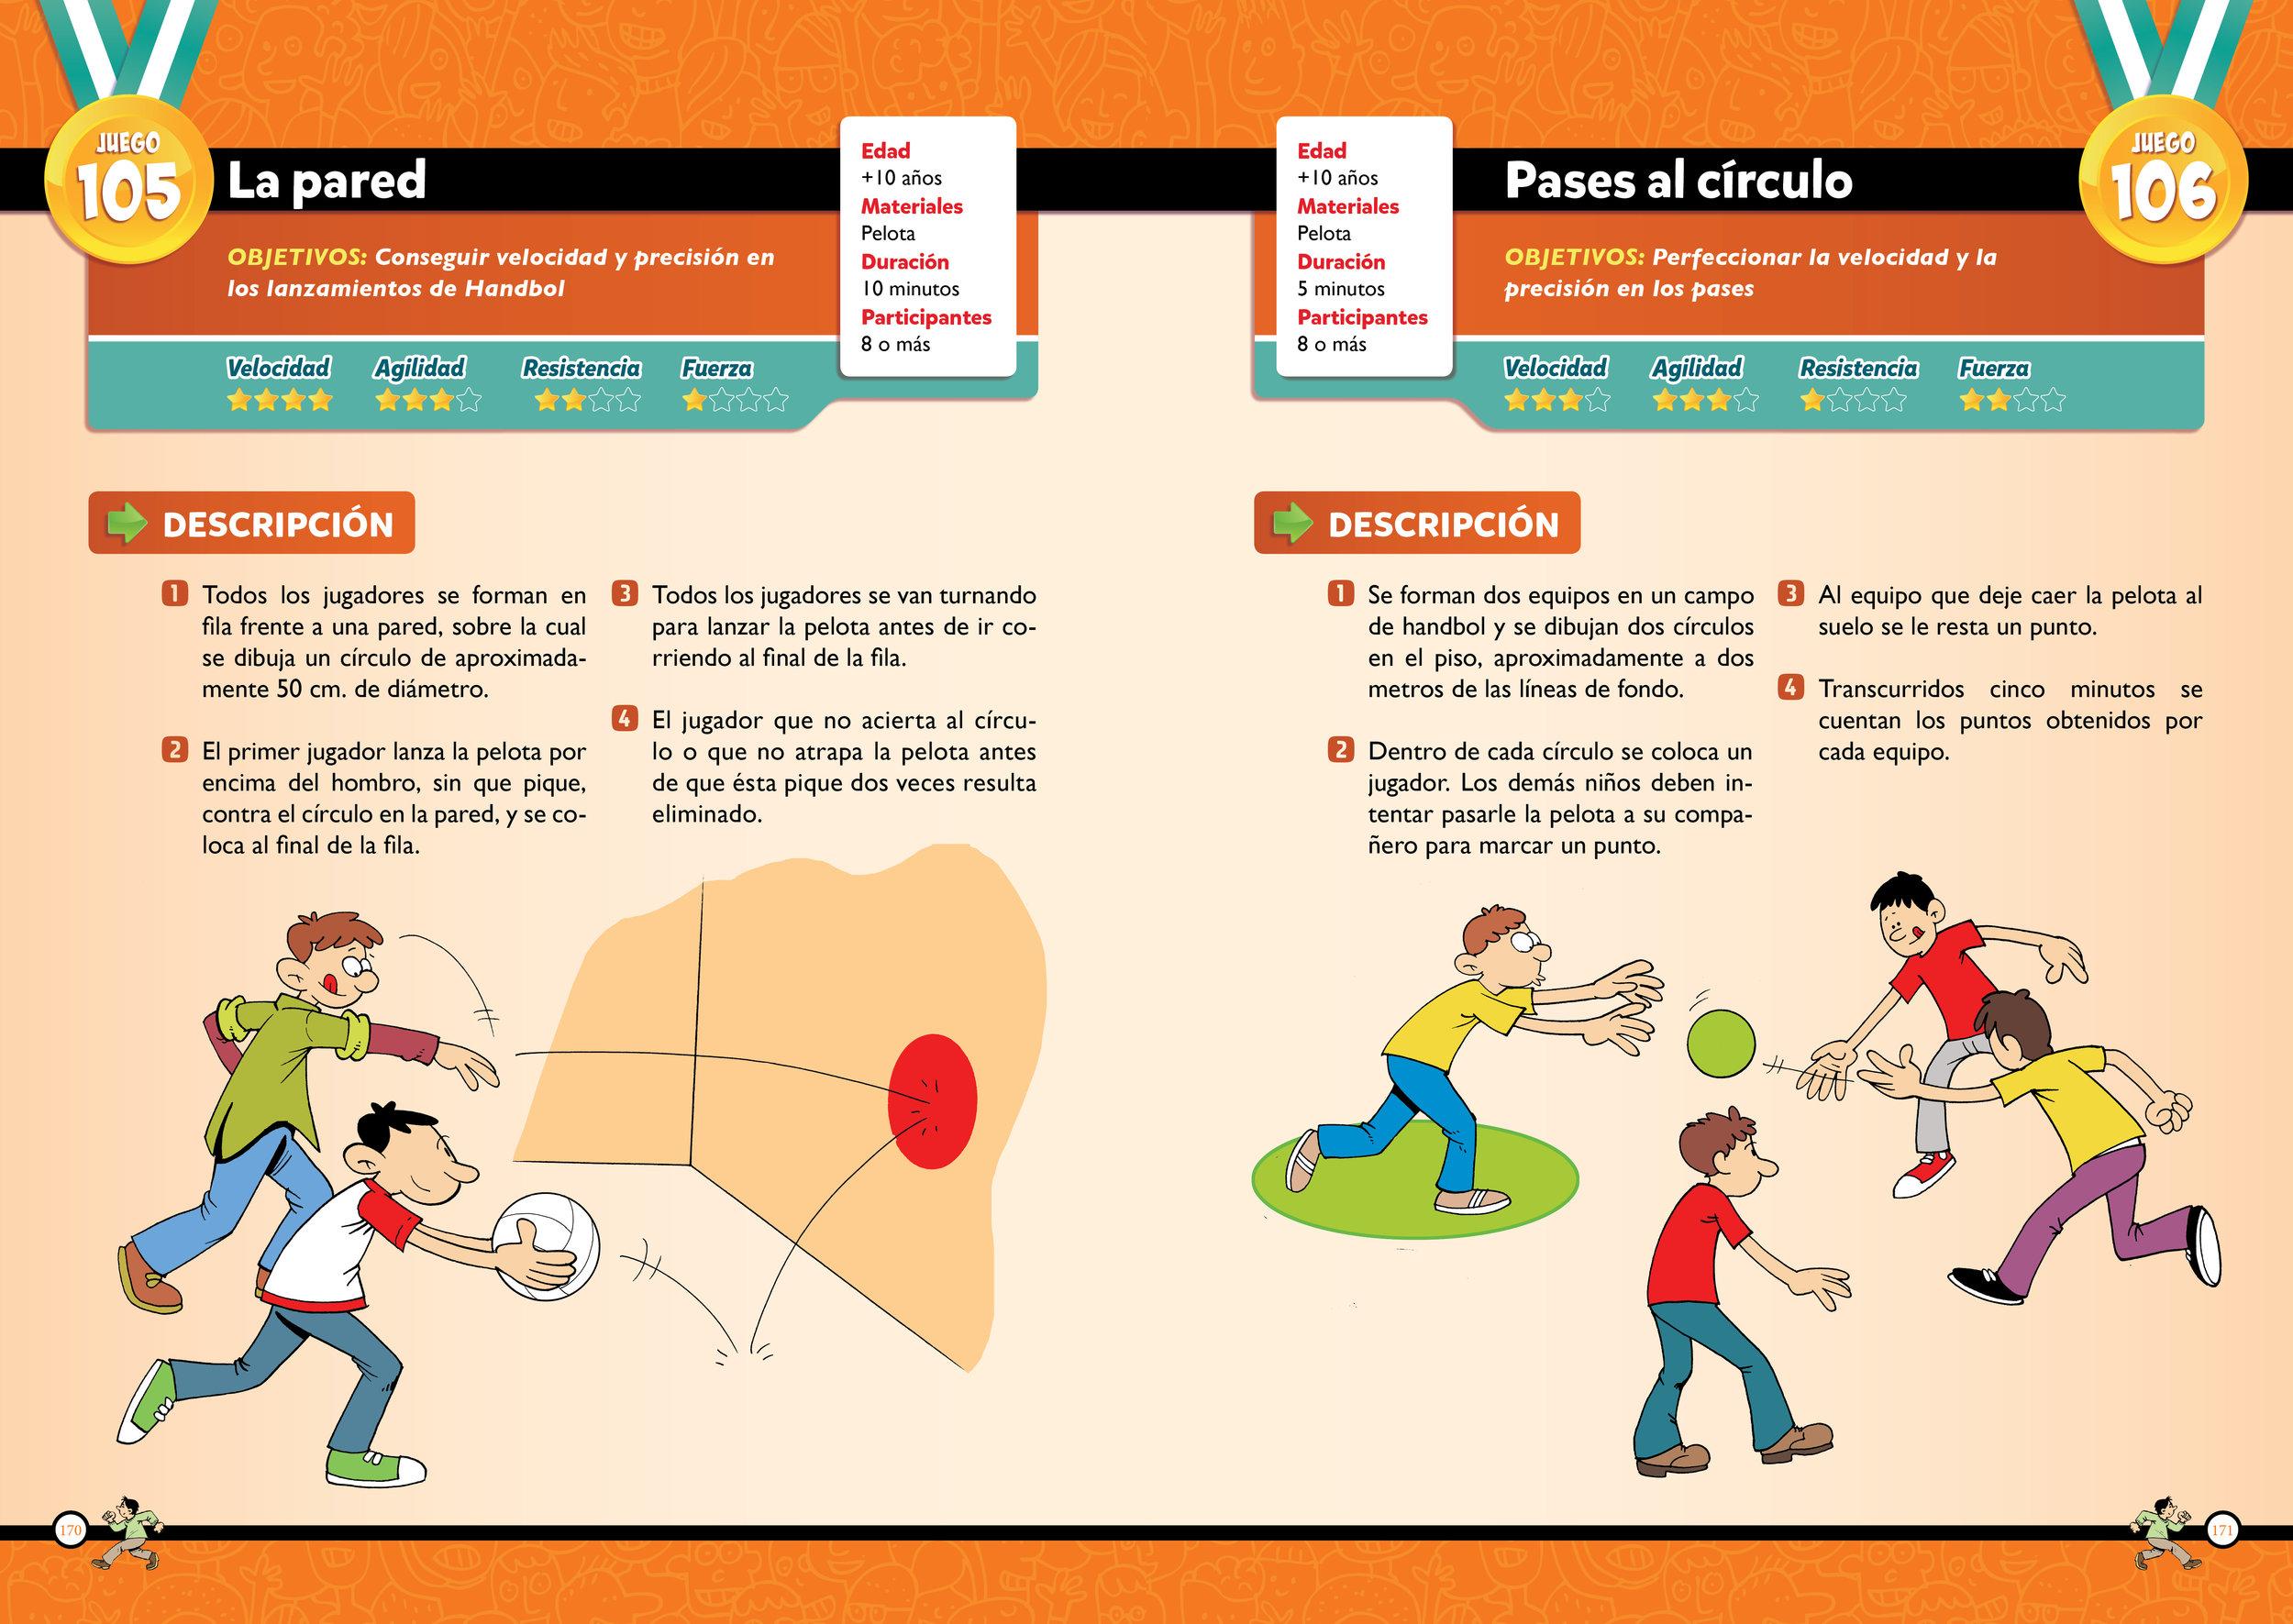 Juegos_EDUCACION_FISICA88.jpg